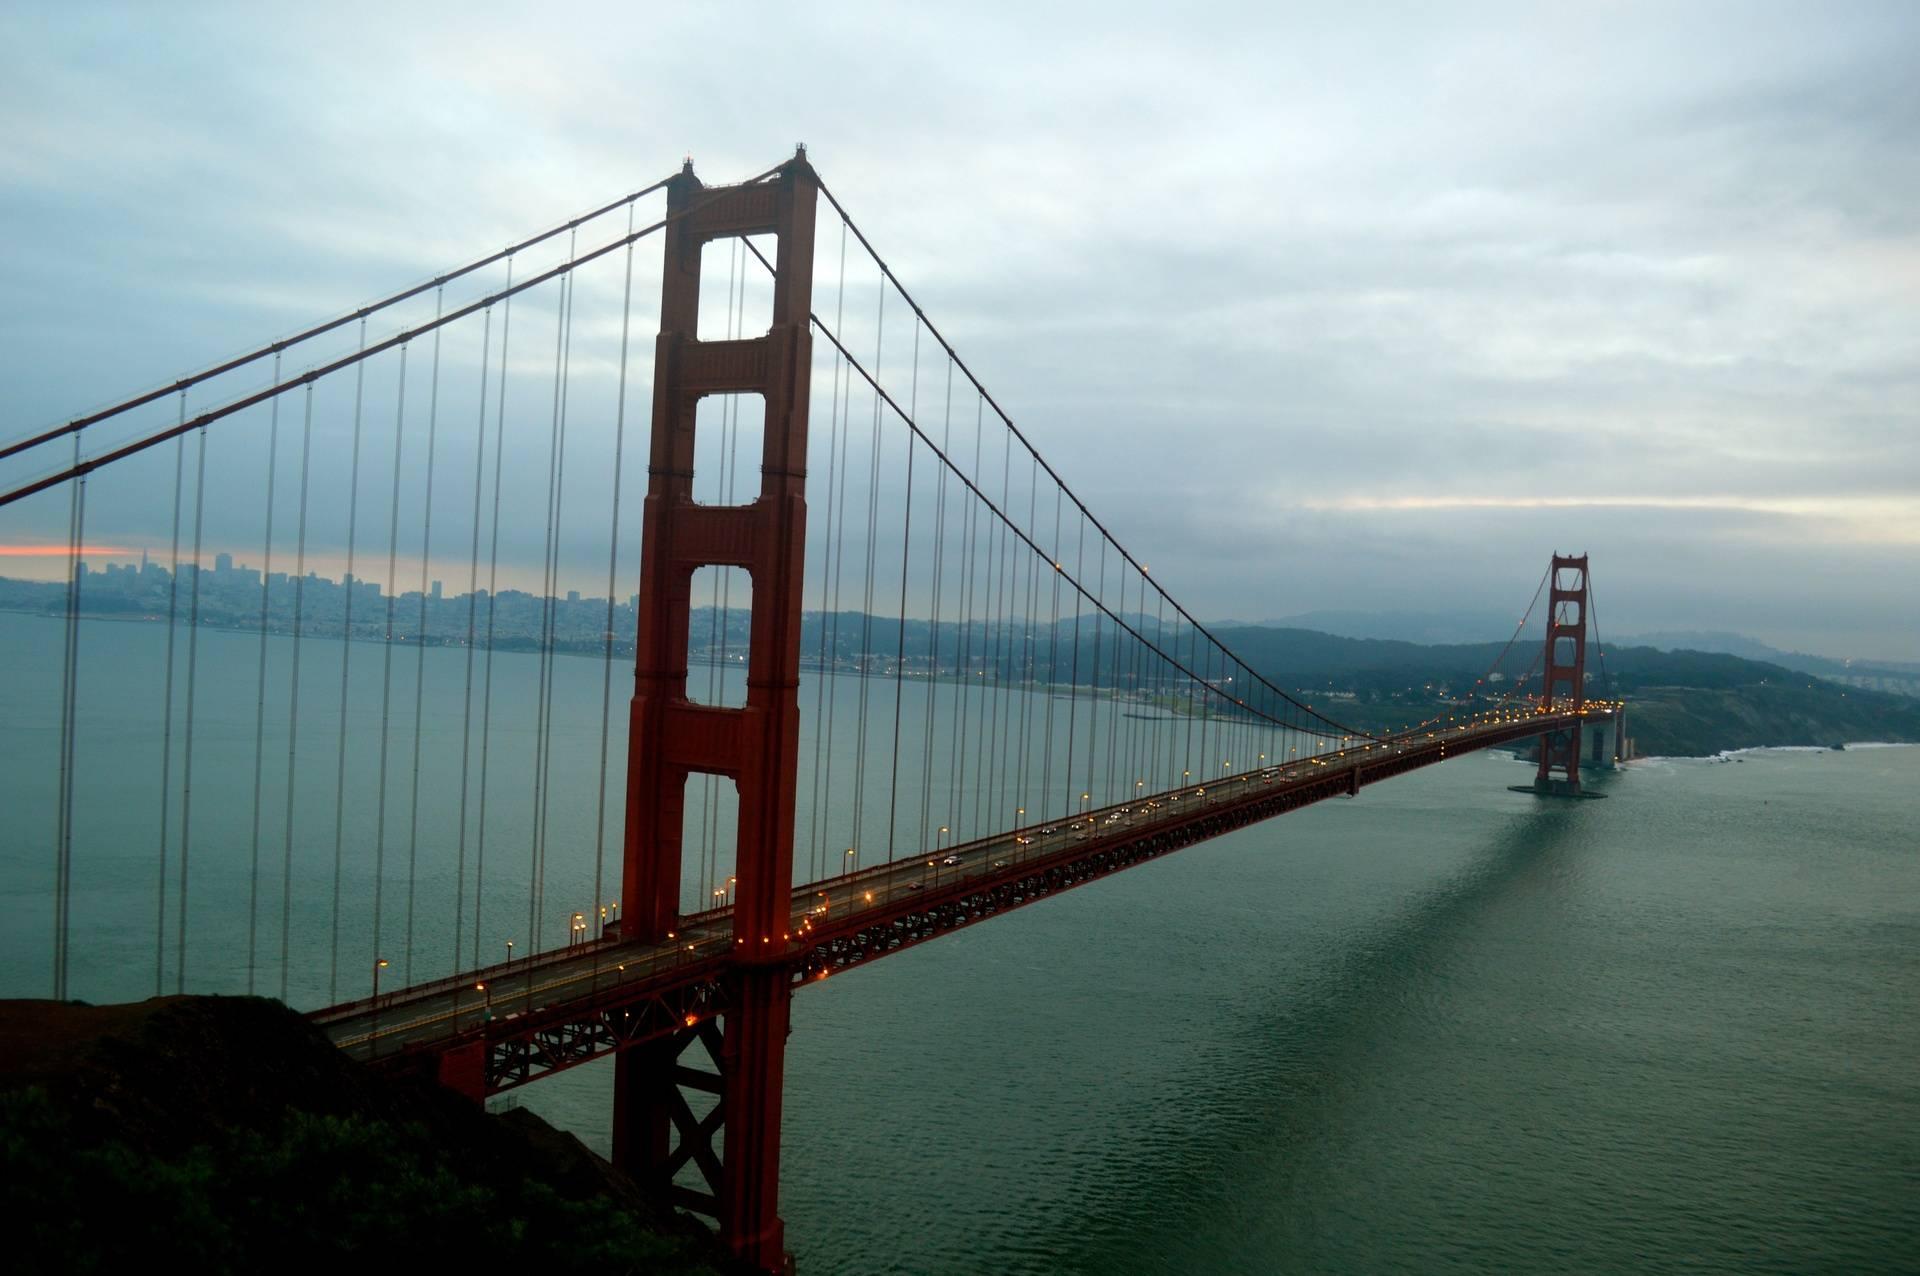 Turquoise skies over the Bridge